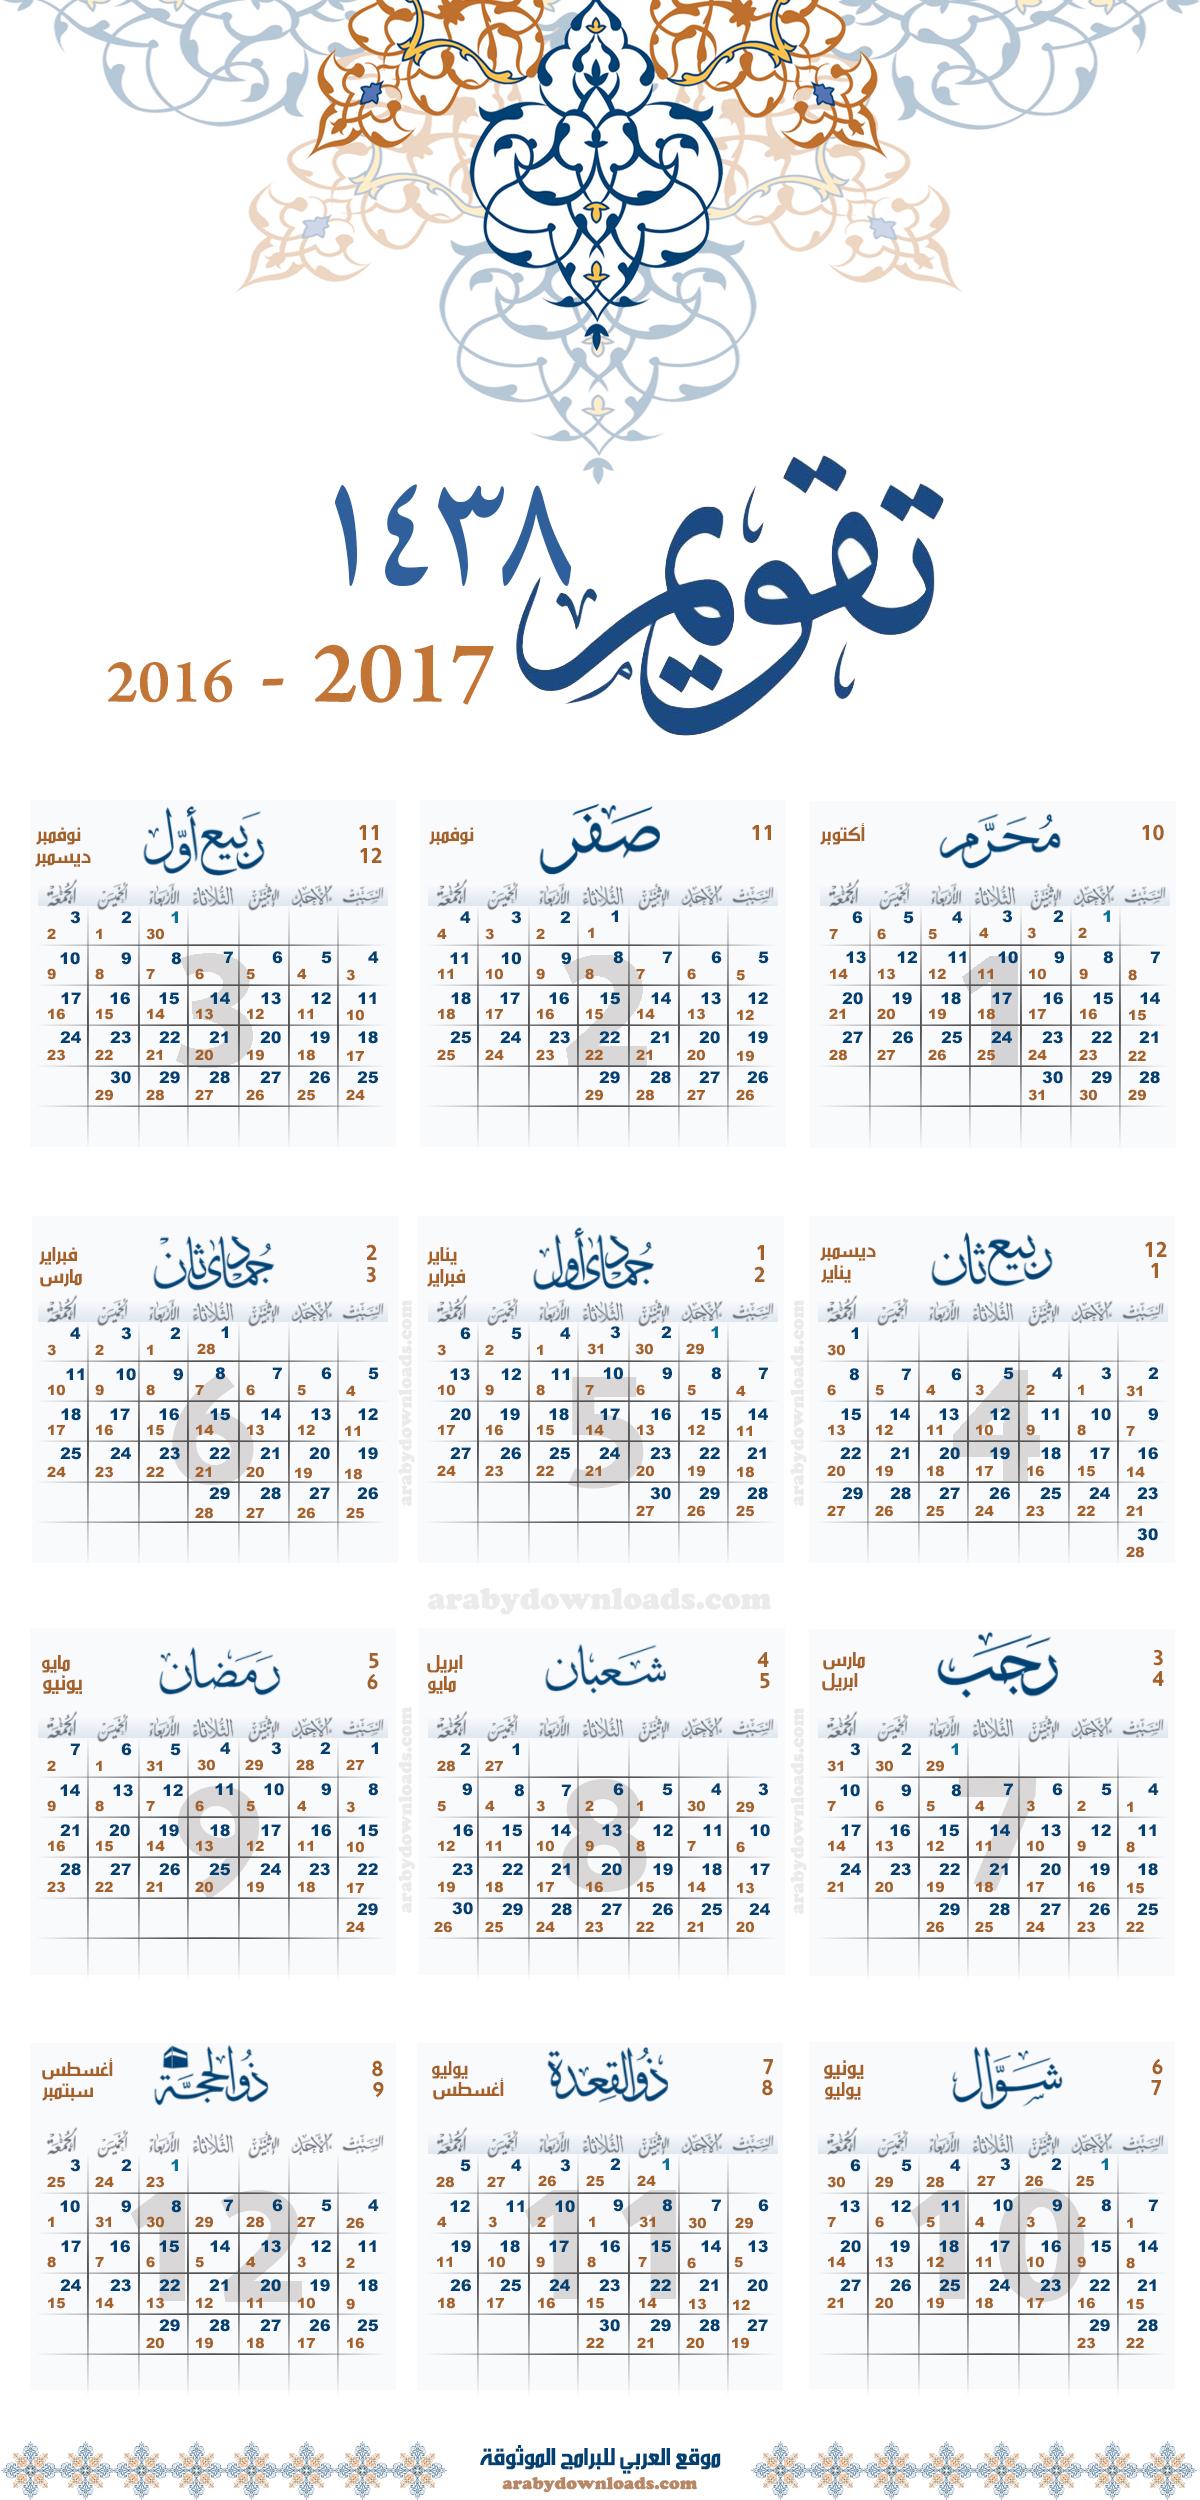 التقويم الهجري 1438 لعام 2016 - 2017 مدمج مع تقويم ام القرى